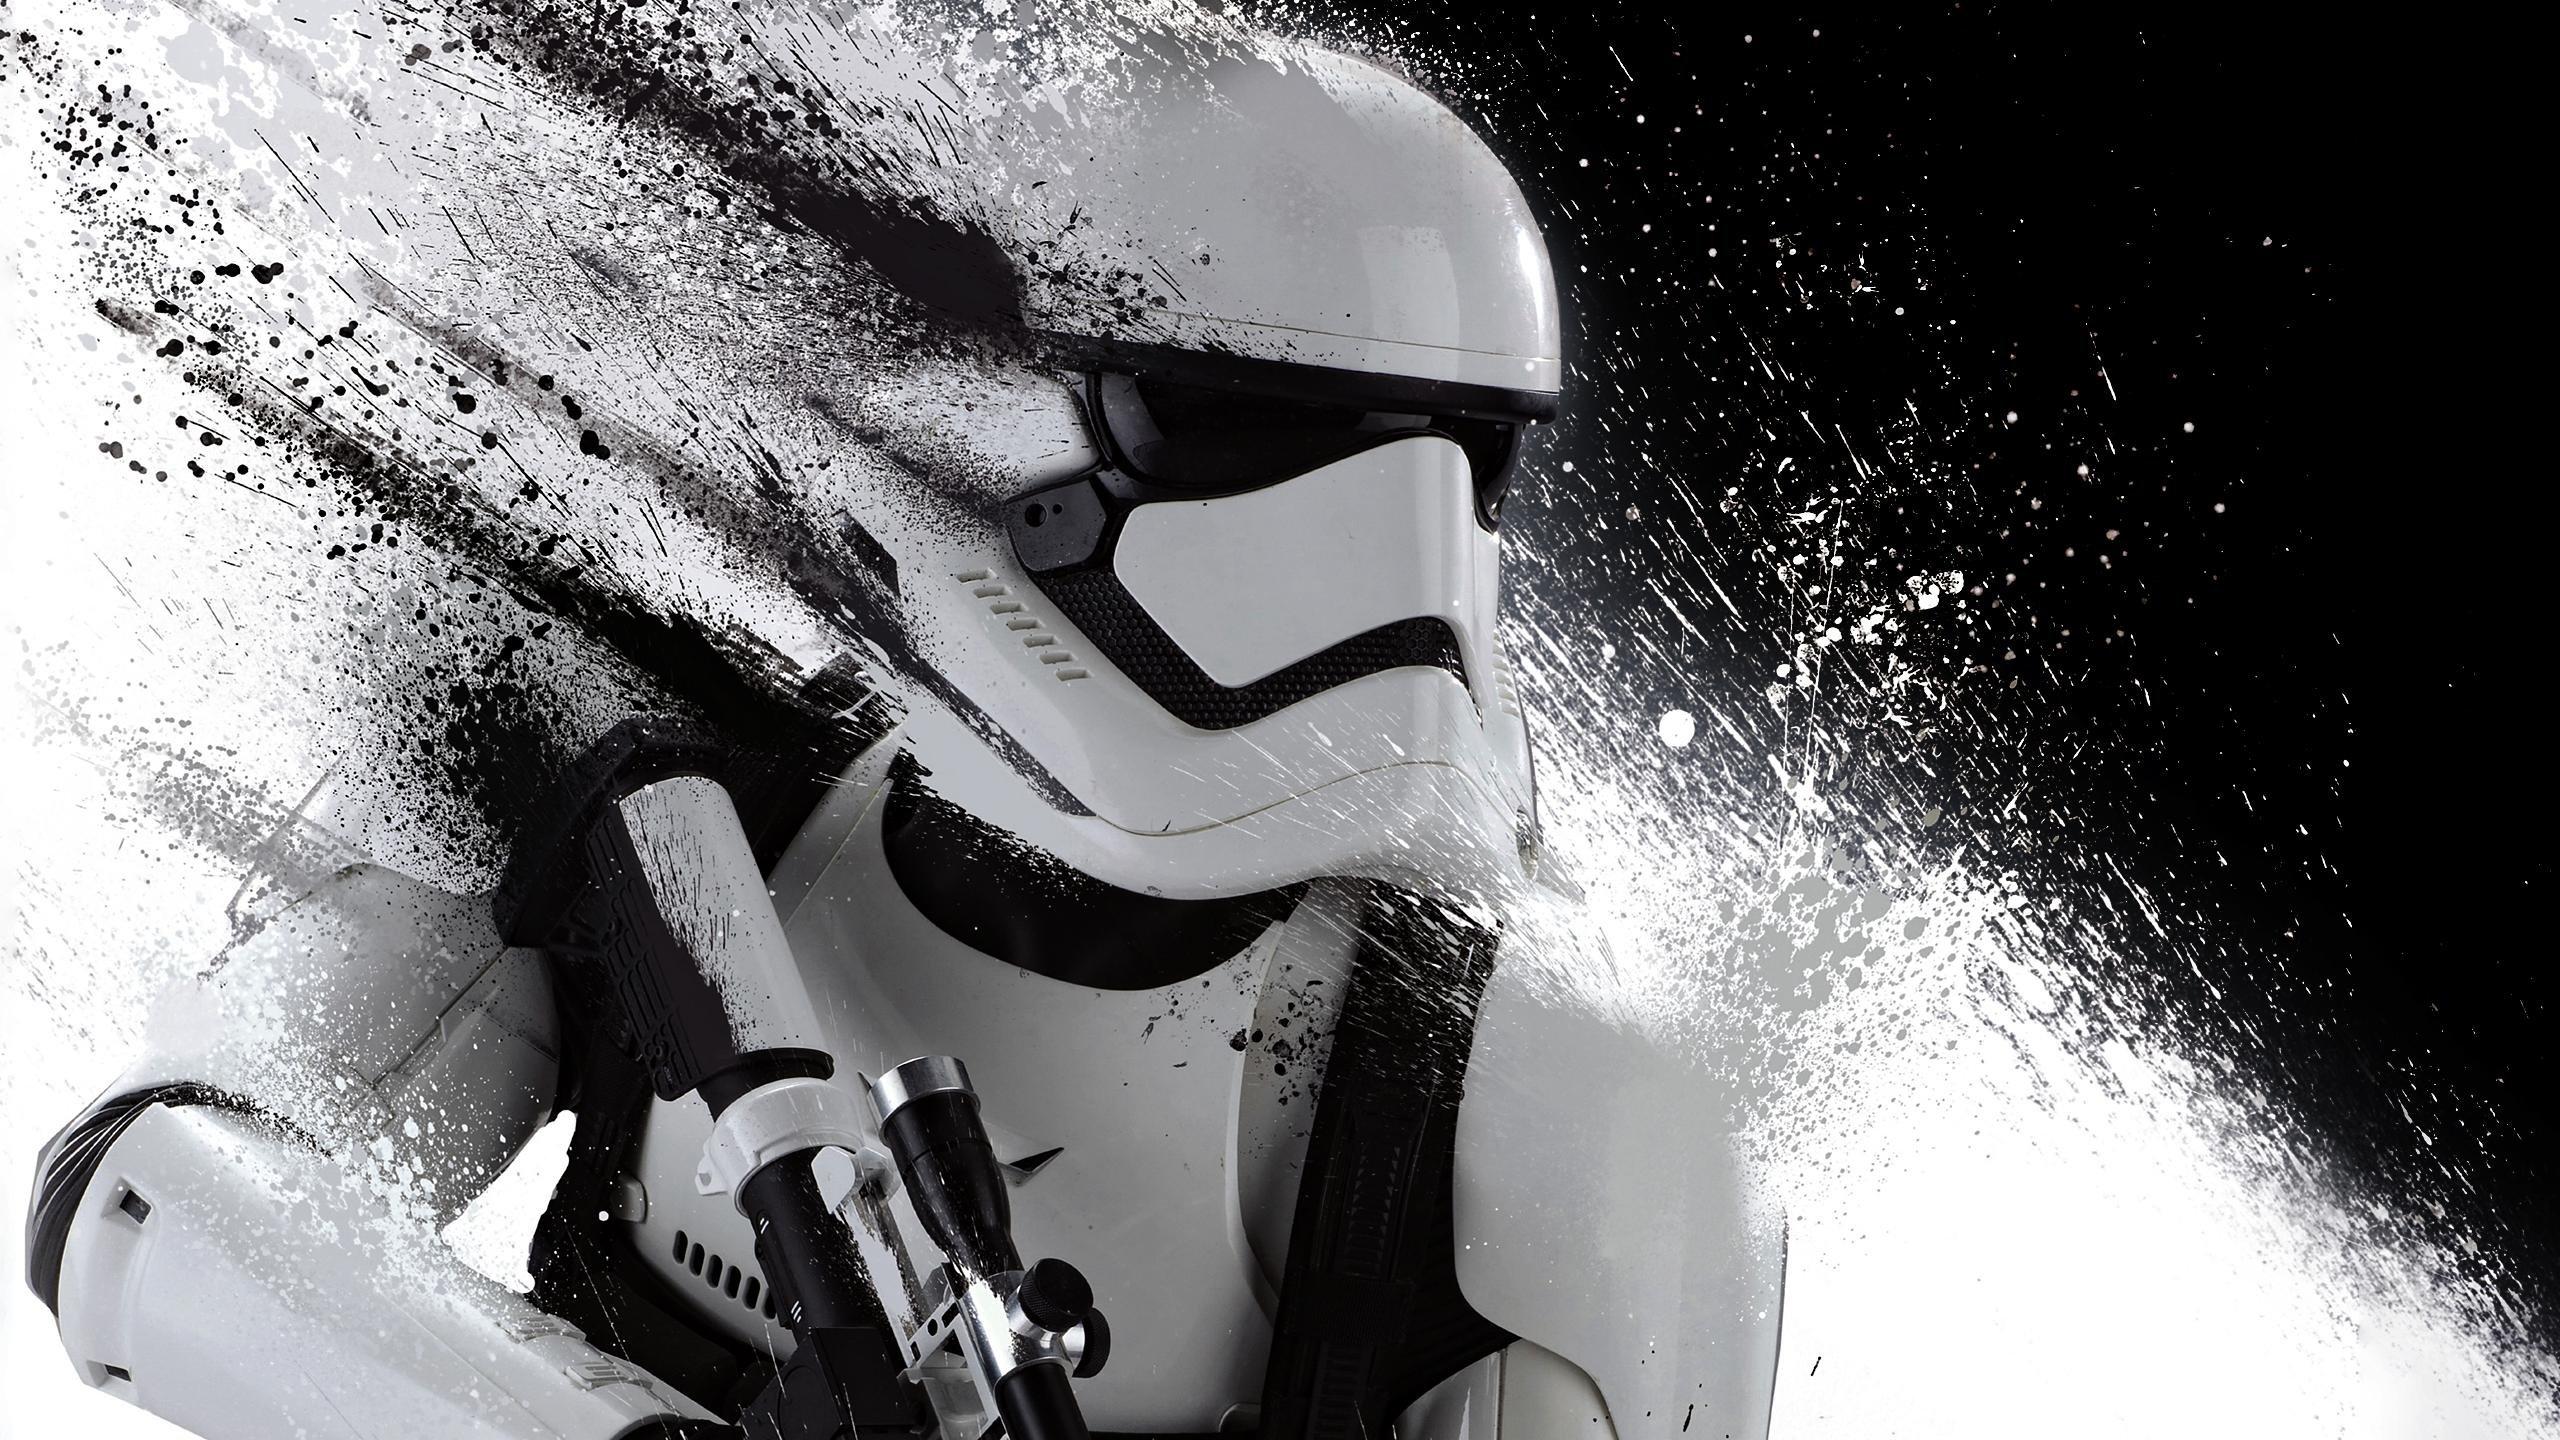 Star Wars Wallpapers 2560x1440 Desktop Backgrounds